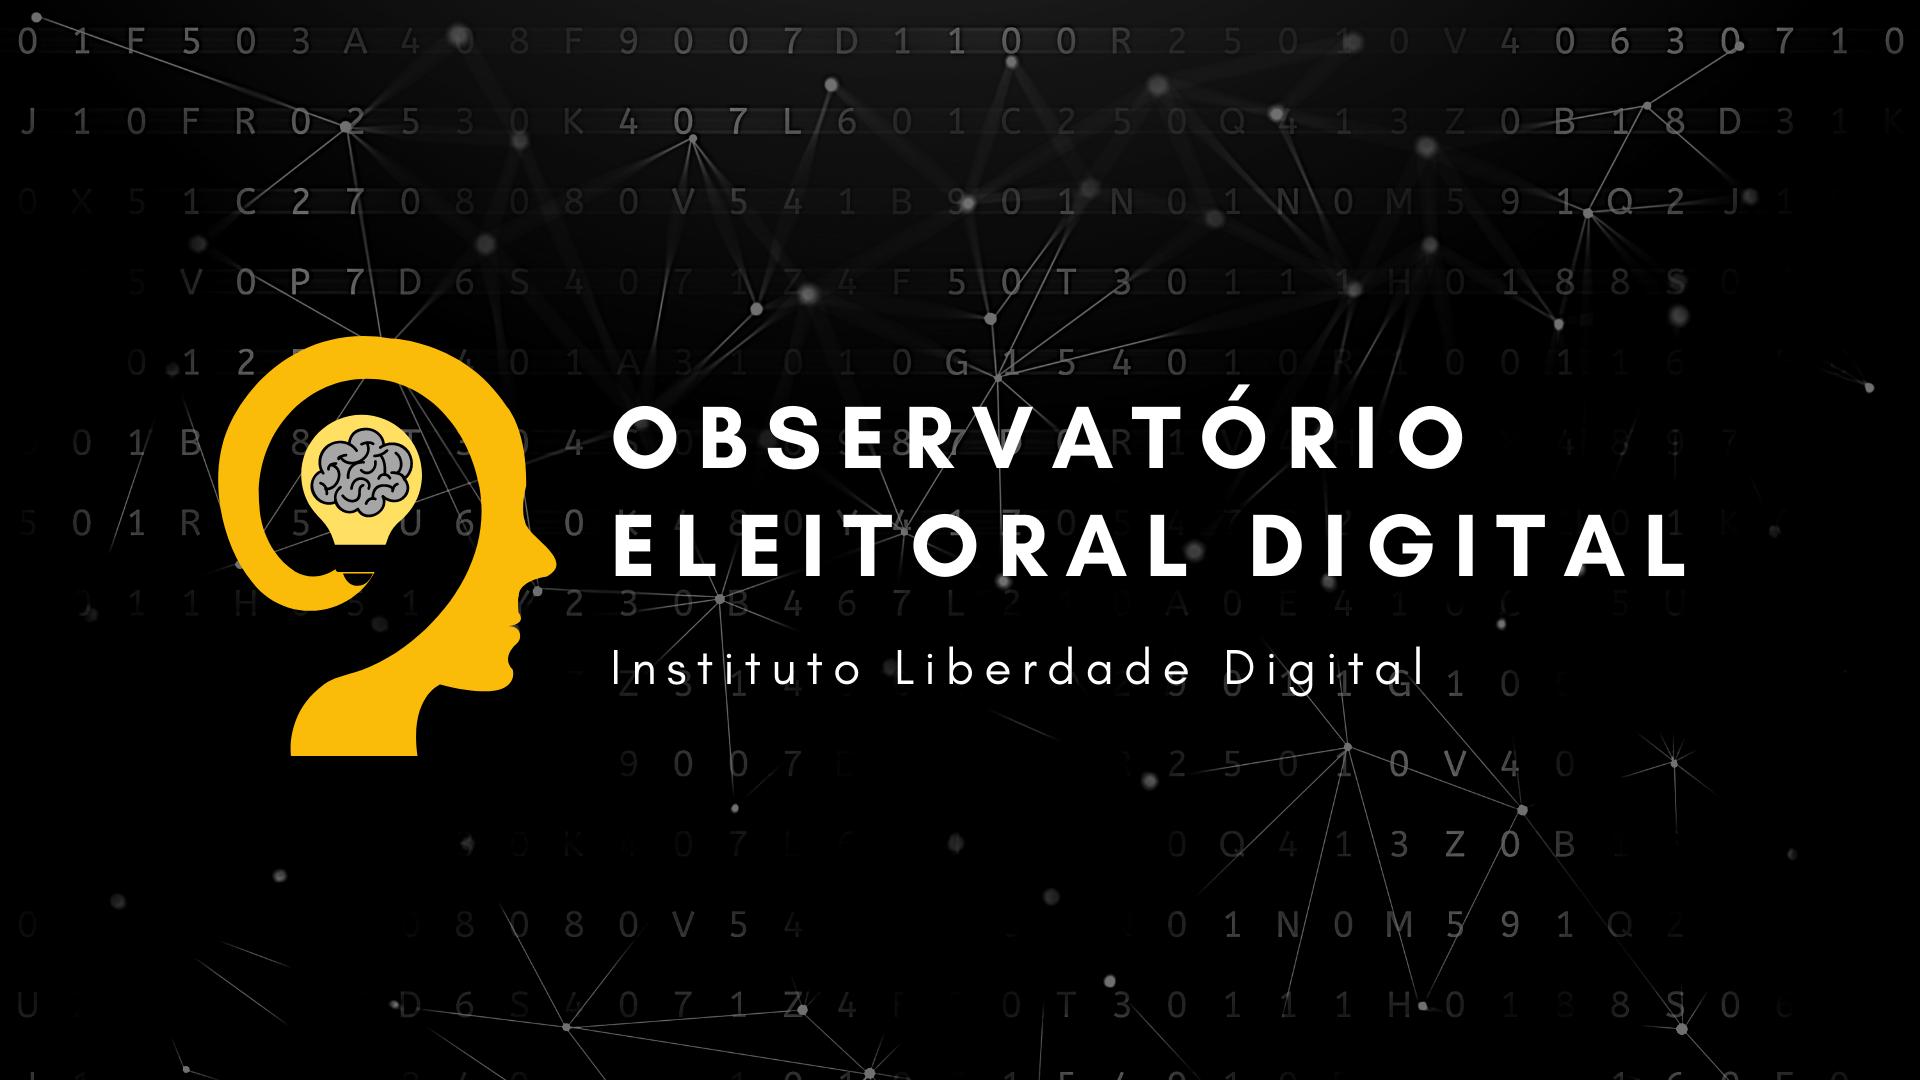 Observatório Eleitoral Digital